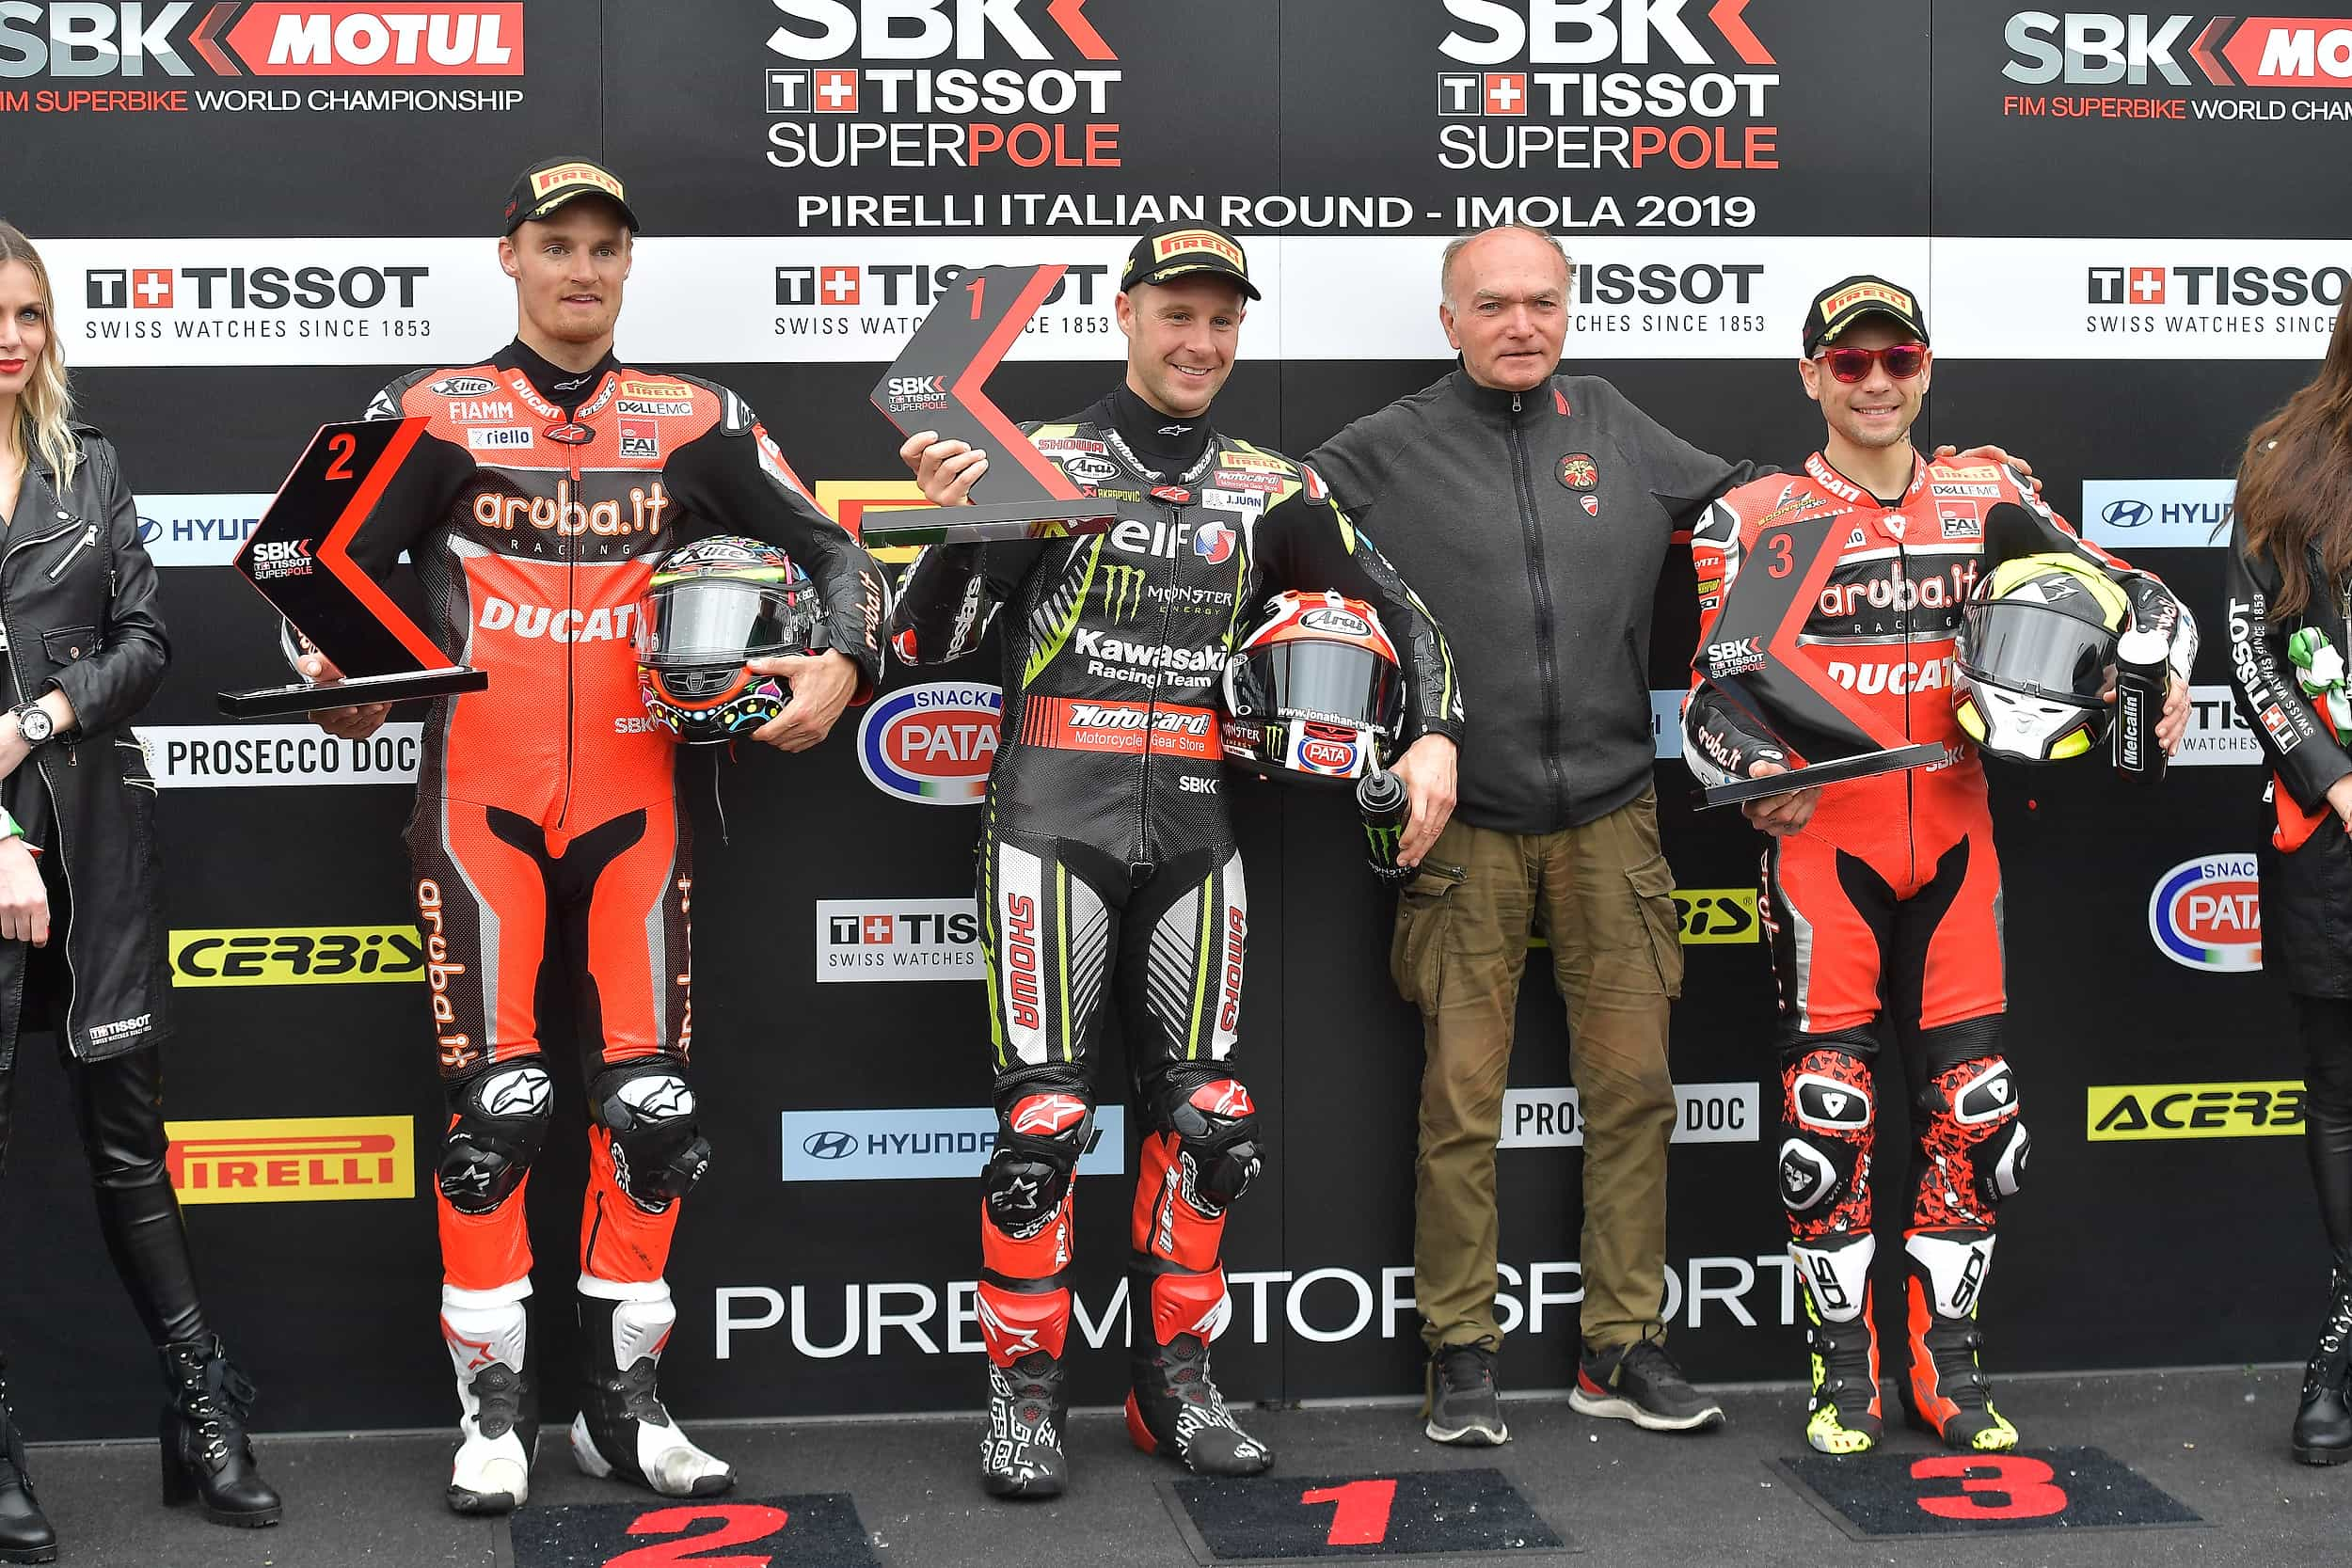 ジョナサン・レイがスーパーポールレースでも優勝 レース2とWorldSSP300 はキャンセル